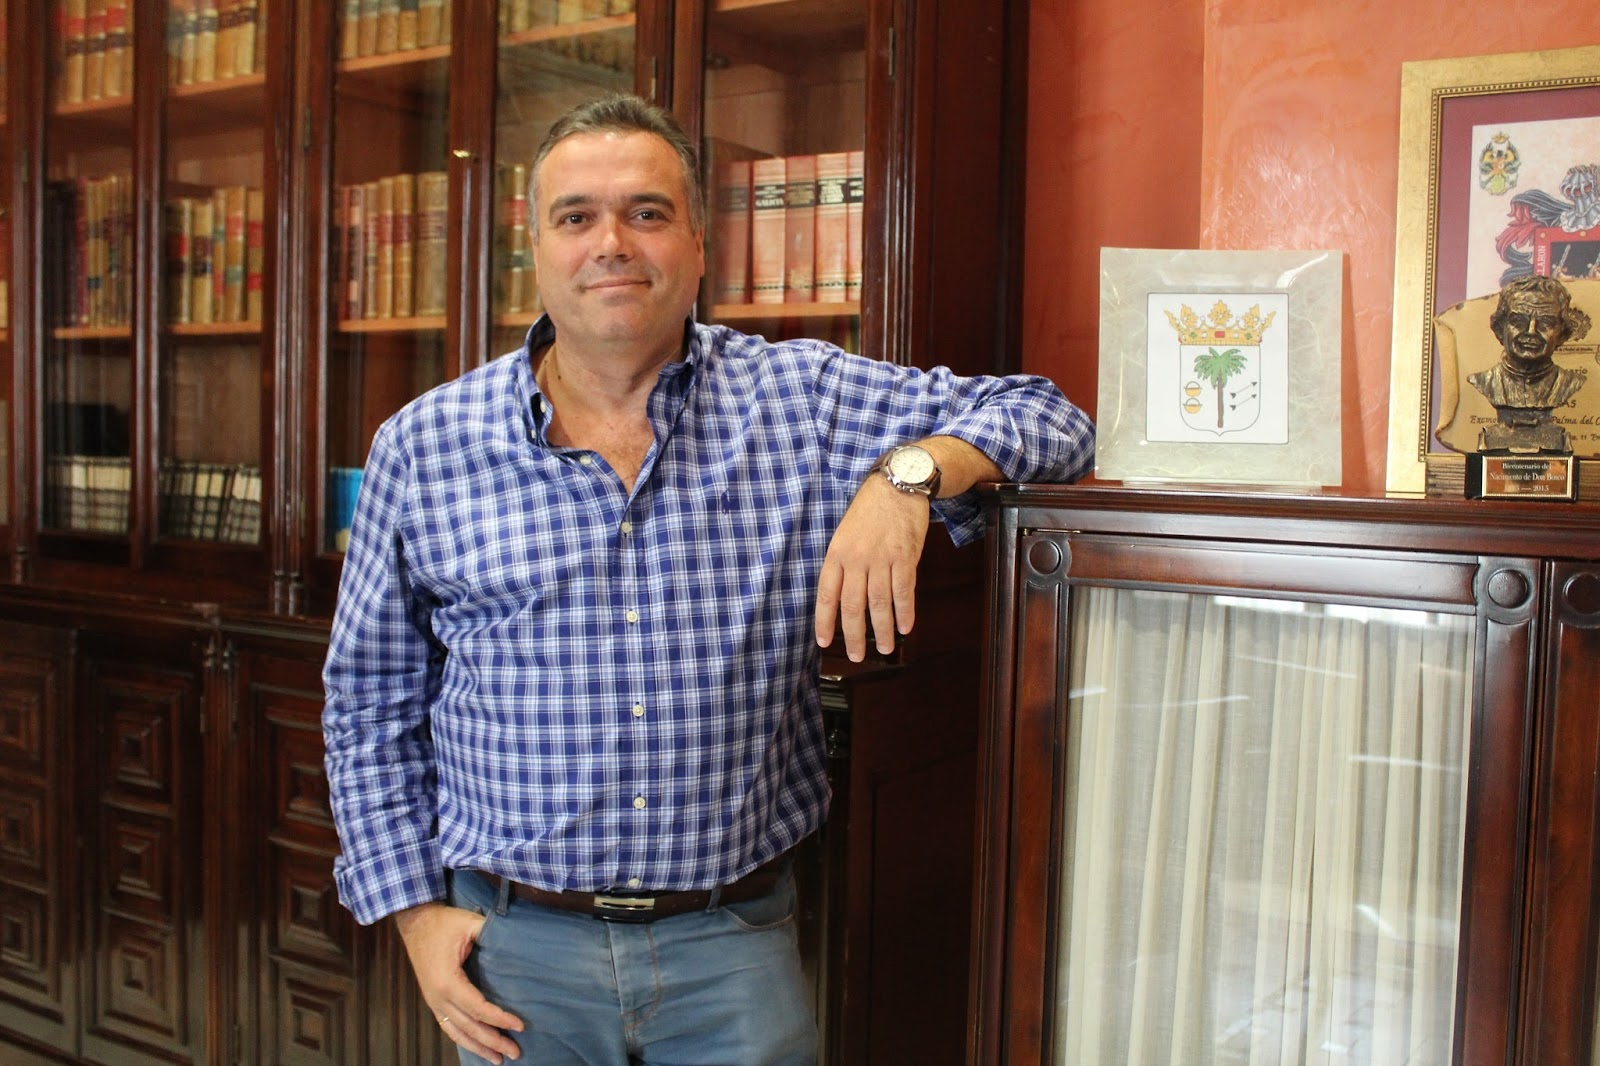 El Alcalde de La Palma Manuel García, Vicepresidente de Deportes de la FEMP